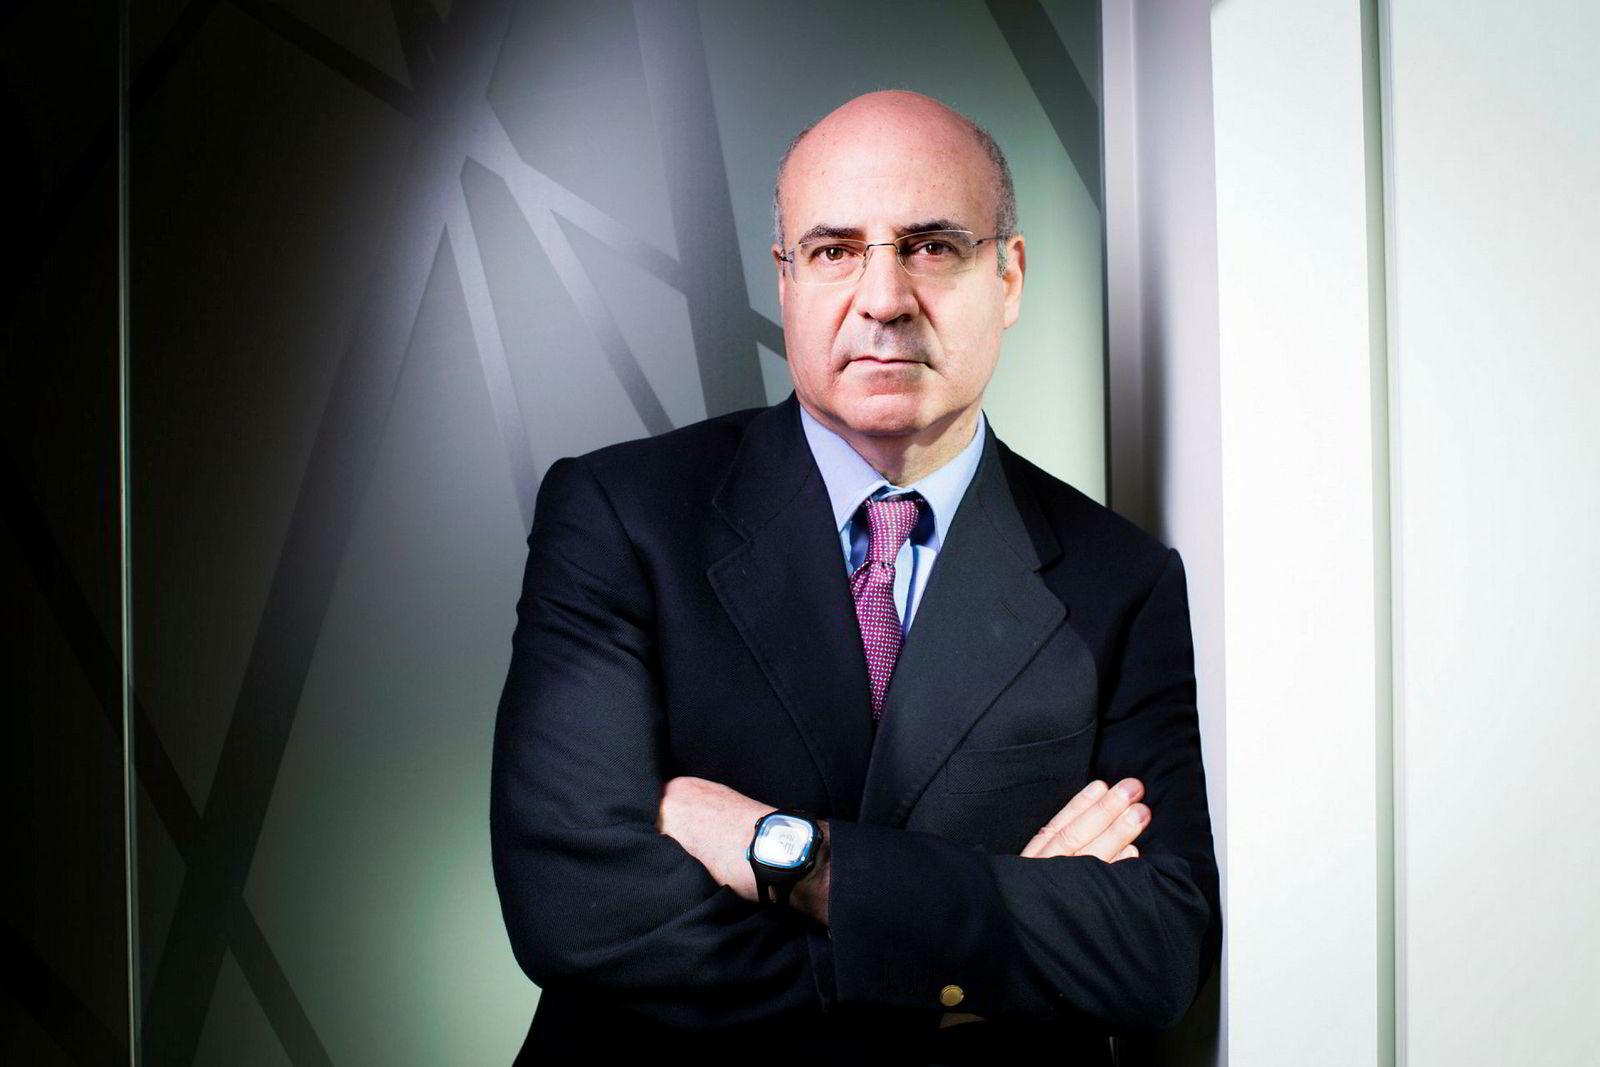 Hedgefondforvalter Bill Browder er utrettelig i kampen mot korrupsjon i Russland.